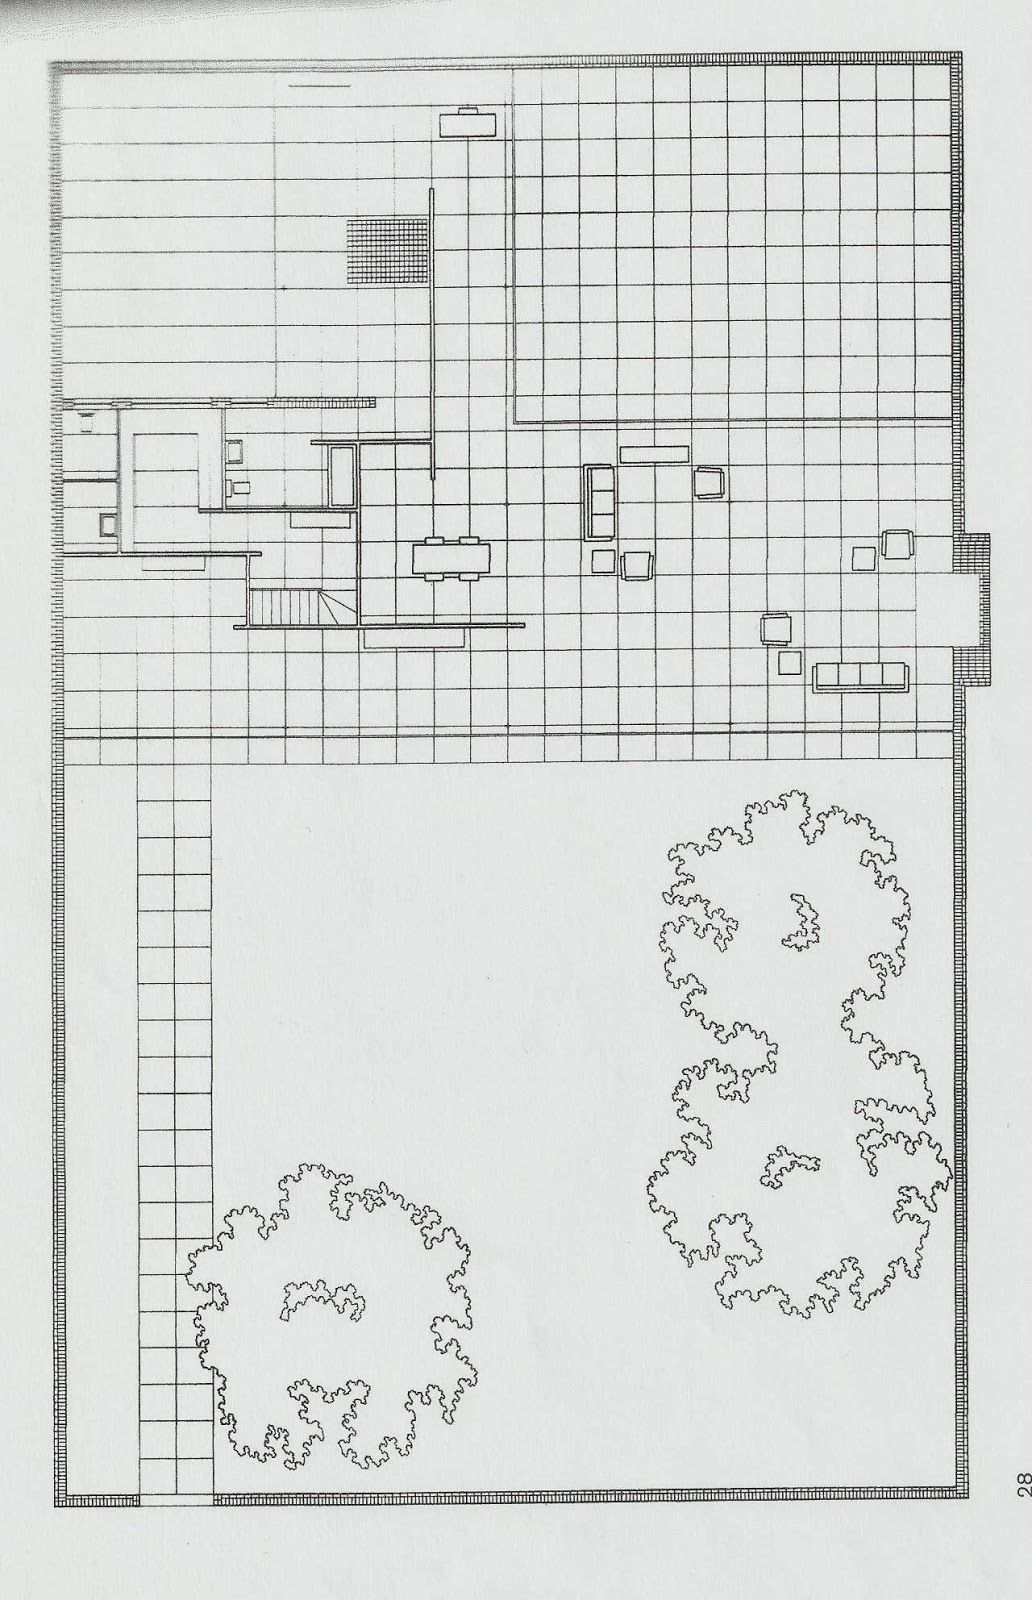 Projet réalisé par mies van der rohe maison à patios plan et façade